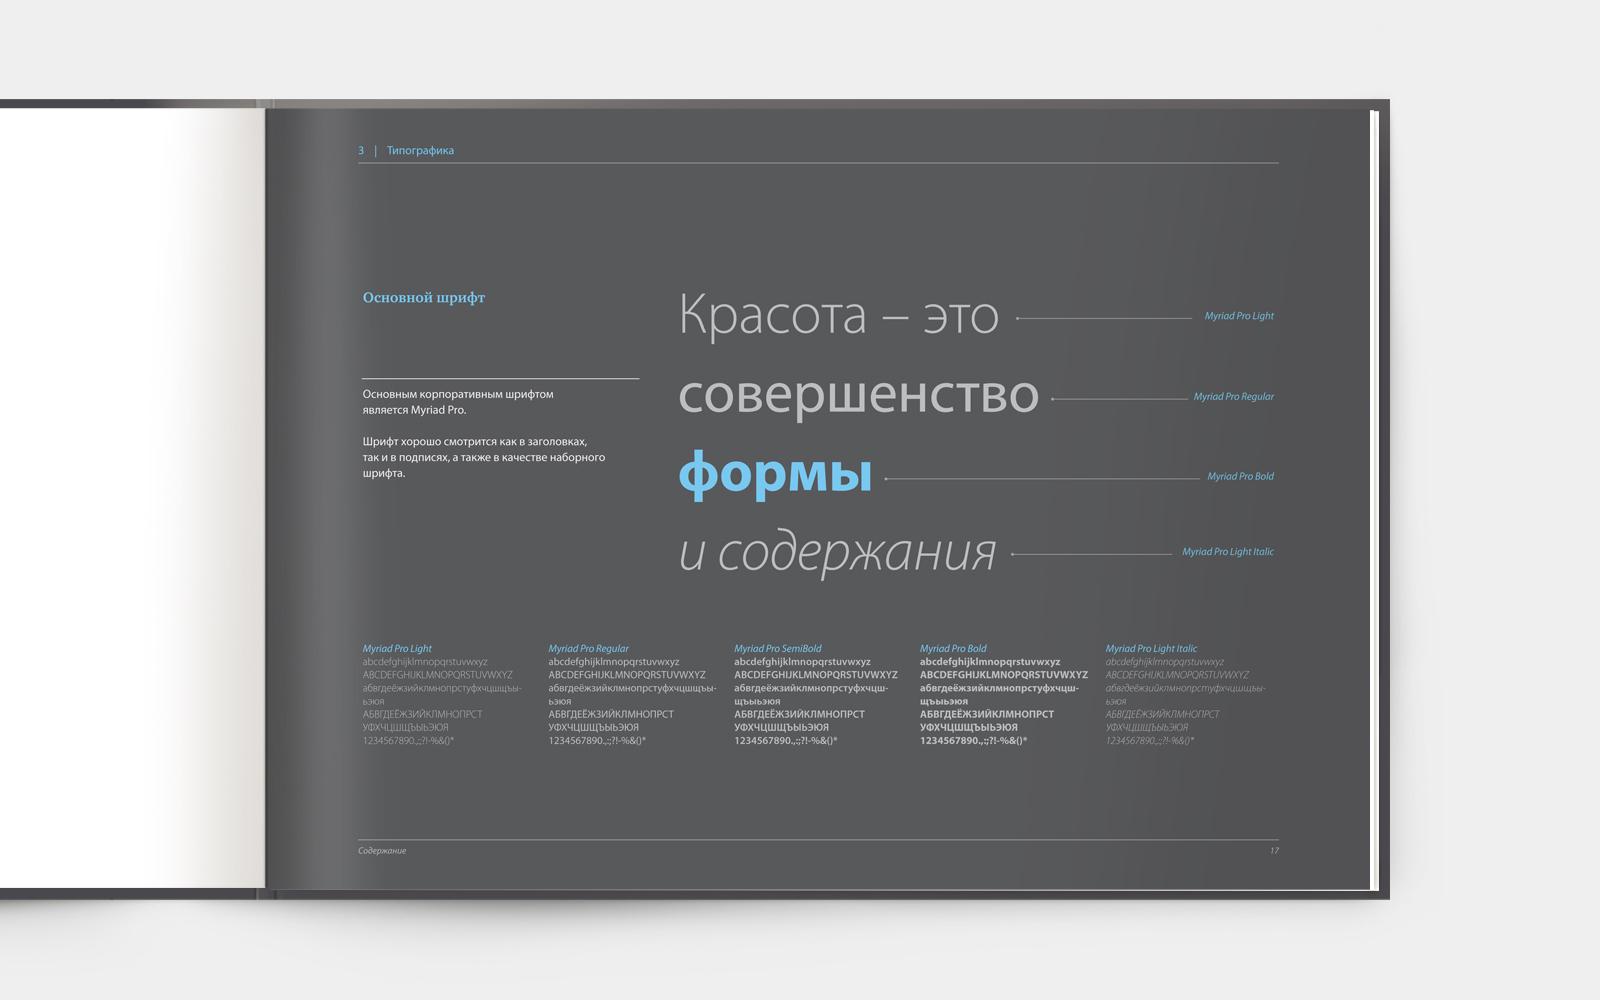 Брендбук описывает все используемые в фирменном стиле шрифты